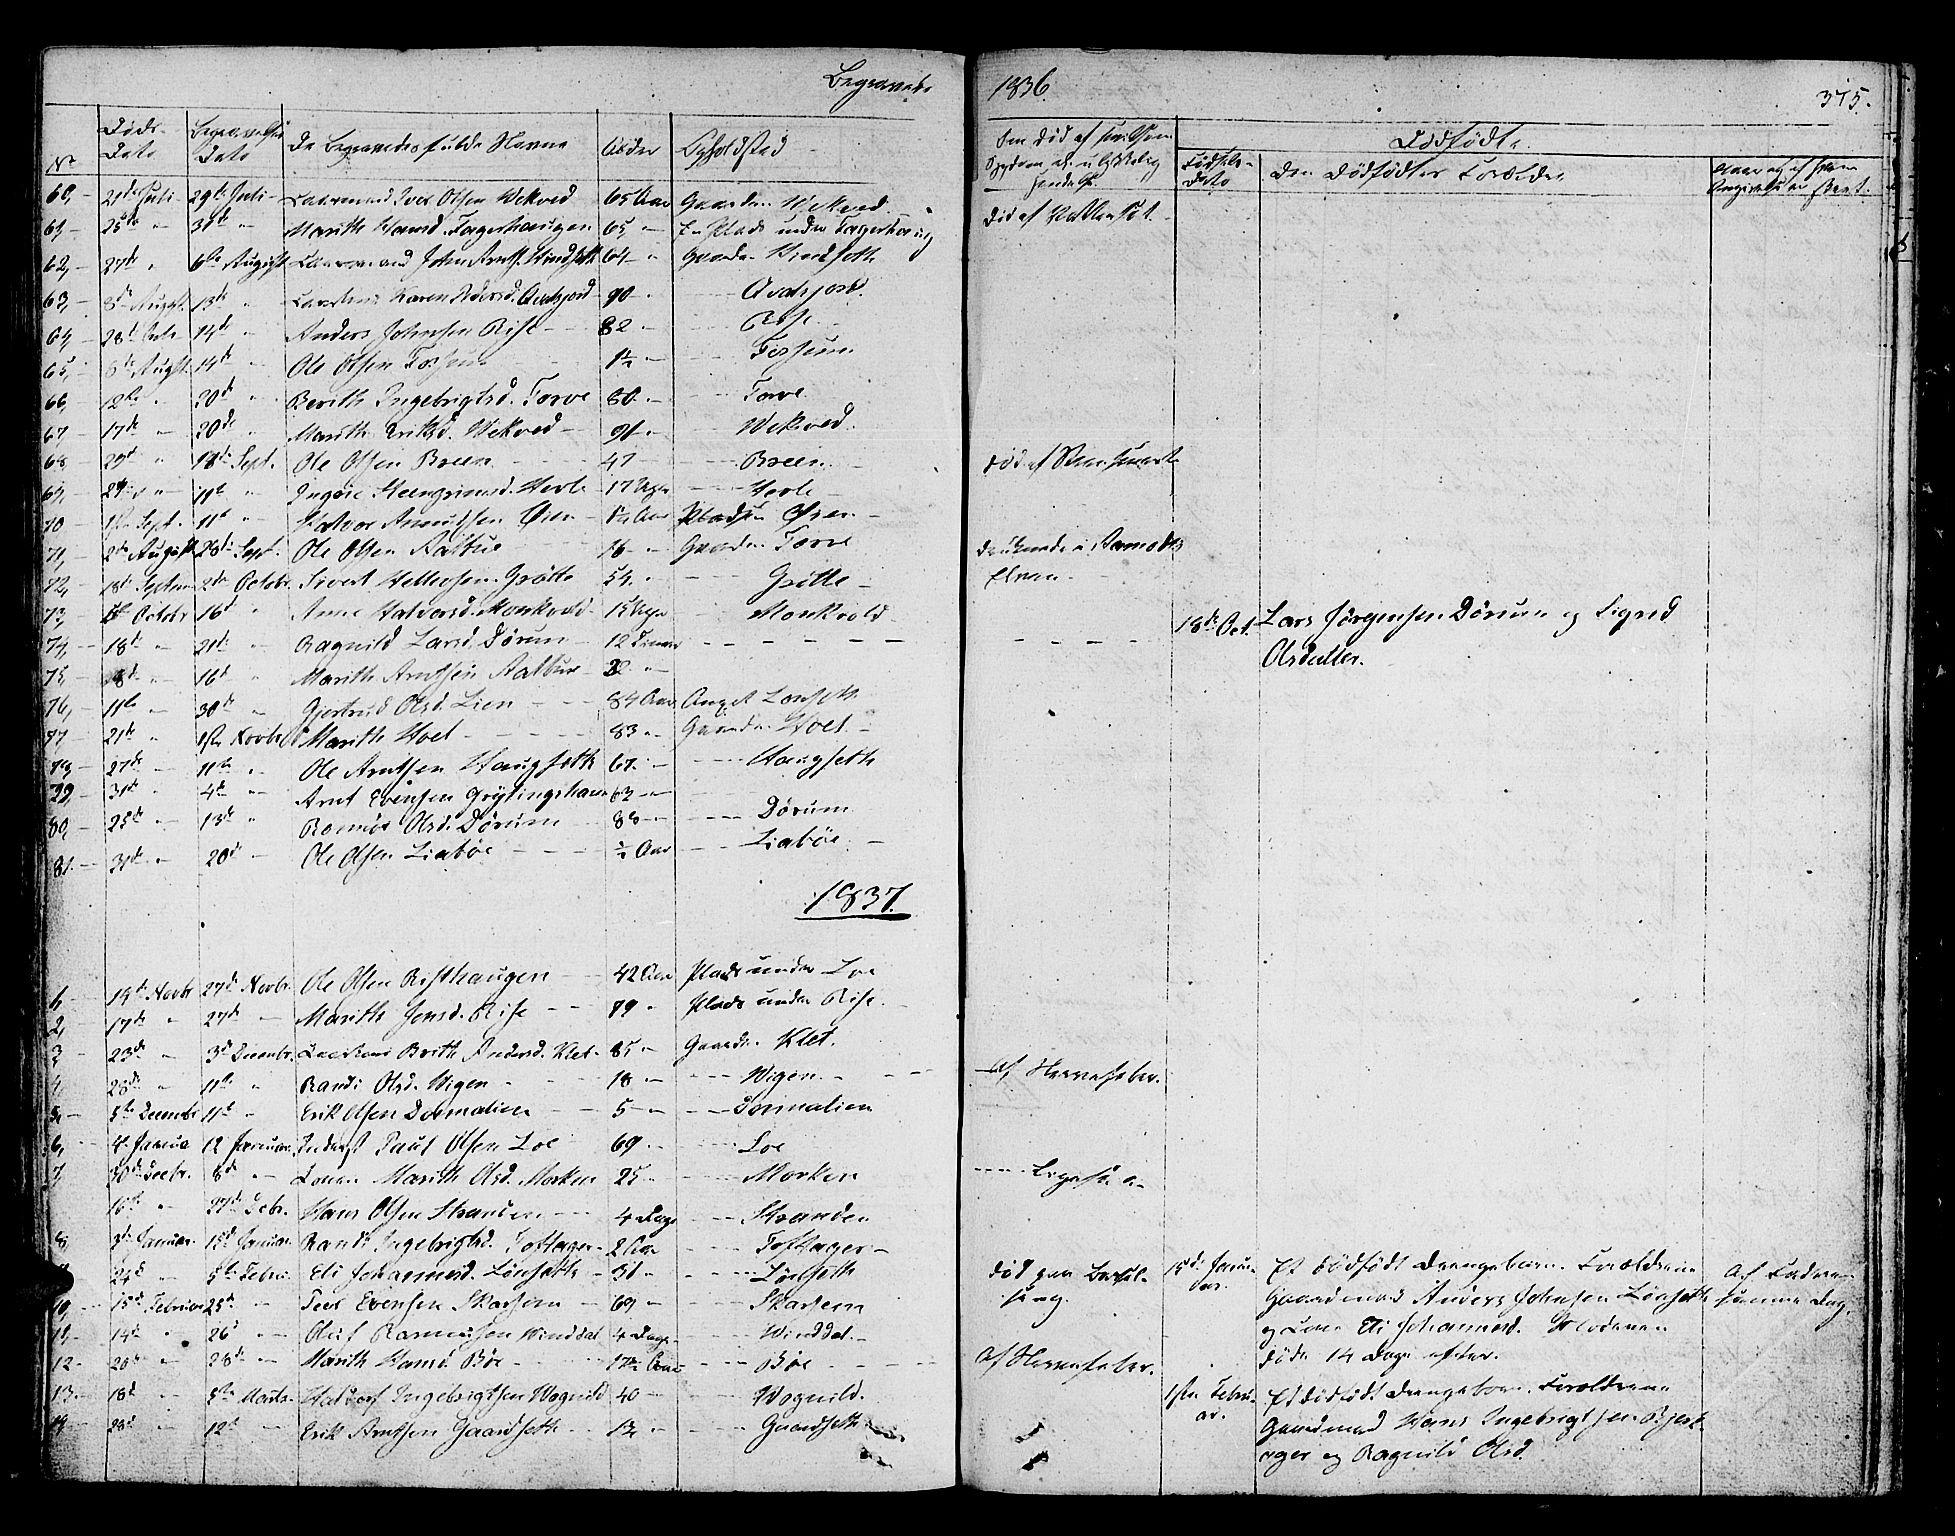 SAT, Ministerialprotokoller, klokkerbøker og fødselsregistre - Sør-Trøndelag, 678/L0897: Ministerialbok nr. 678A06-07, 1821-1847, s. 375